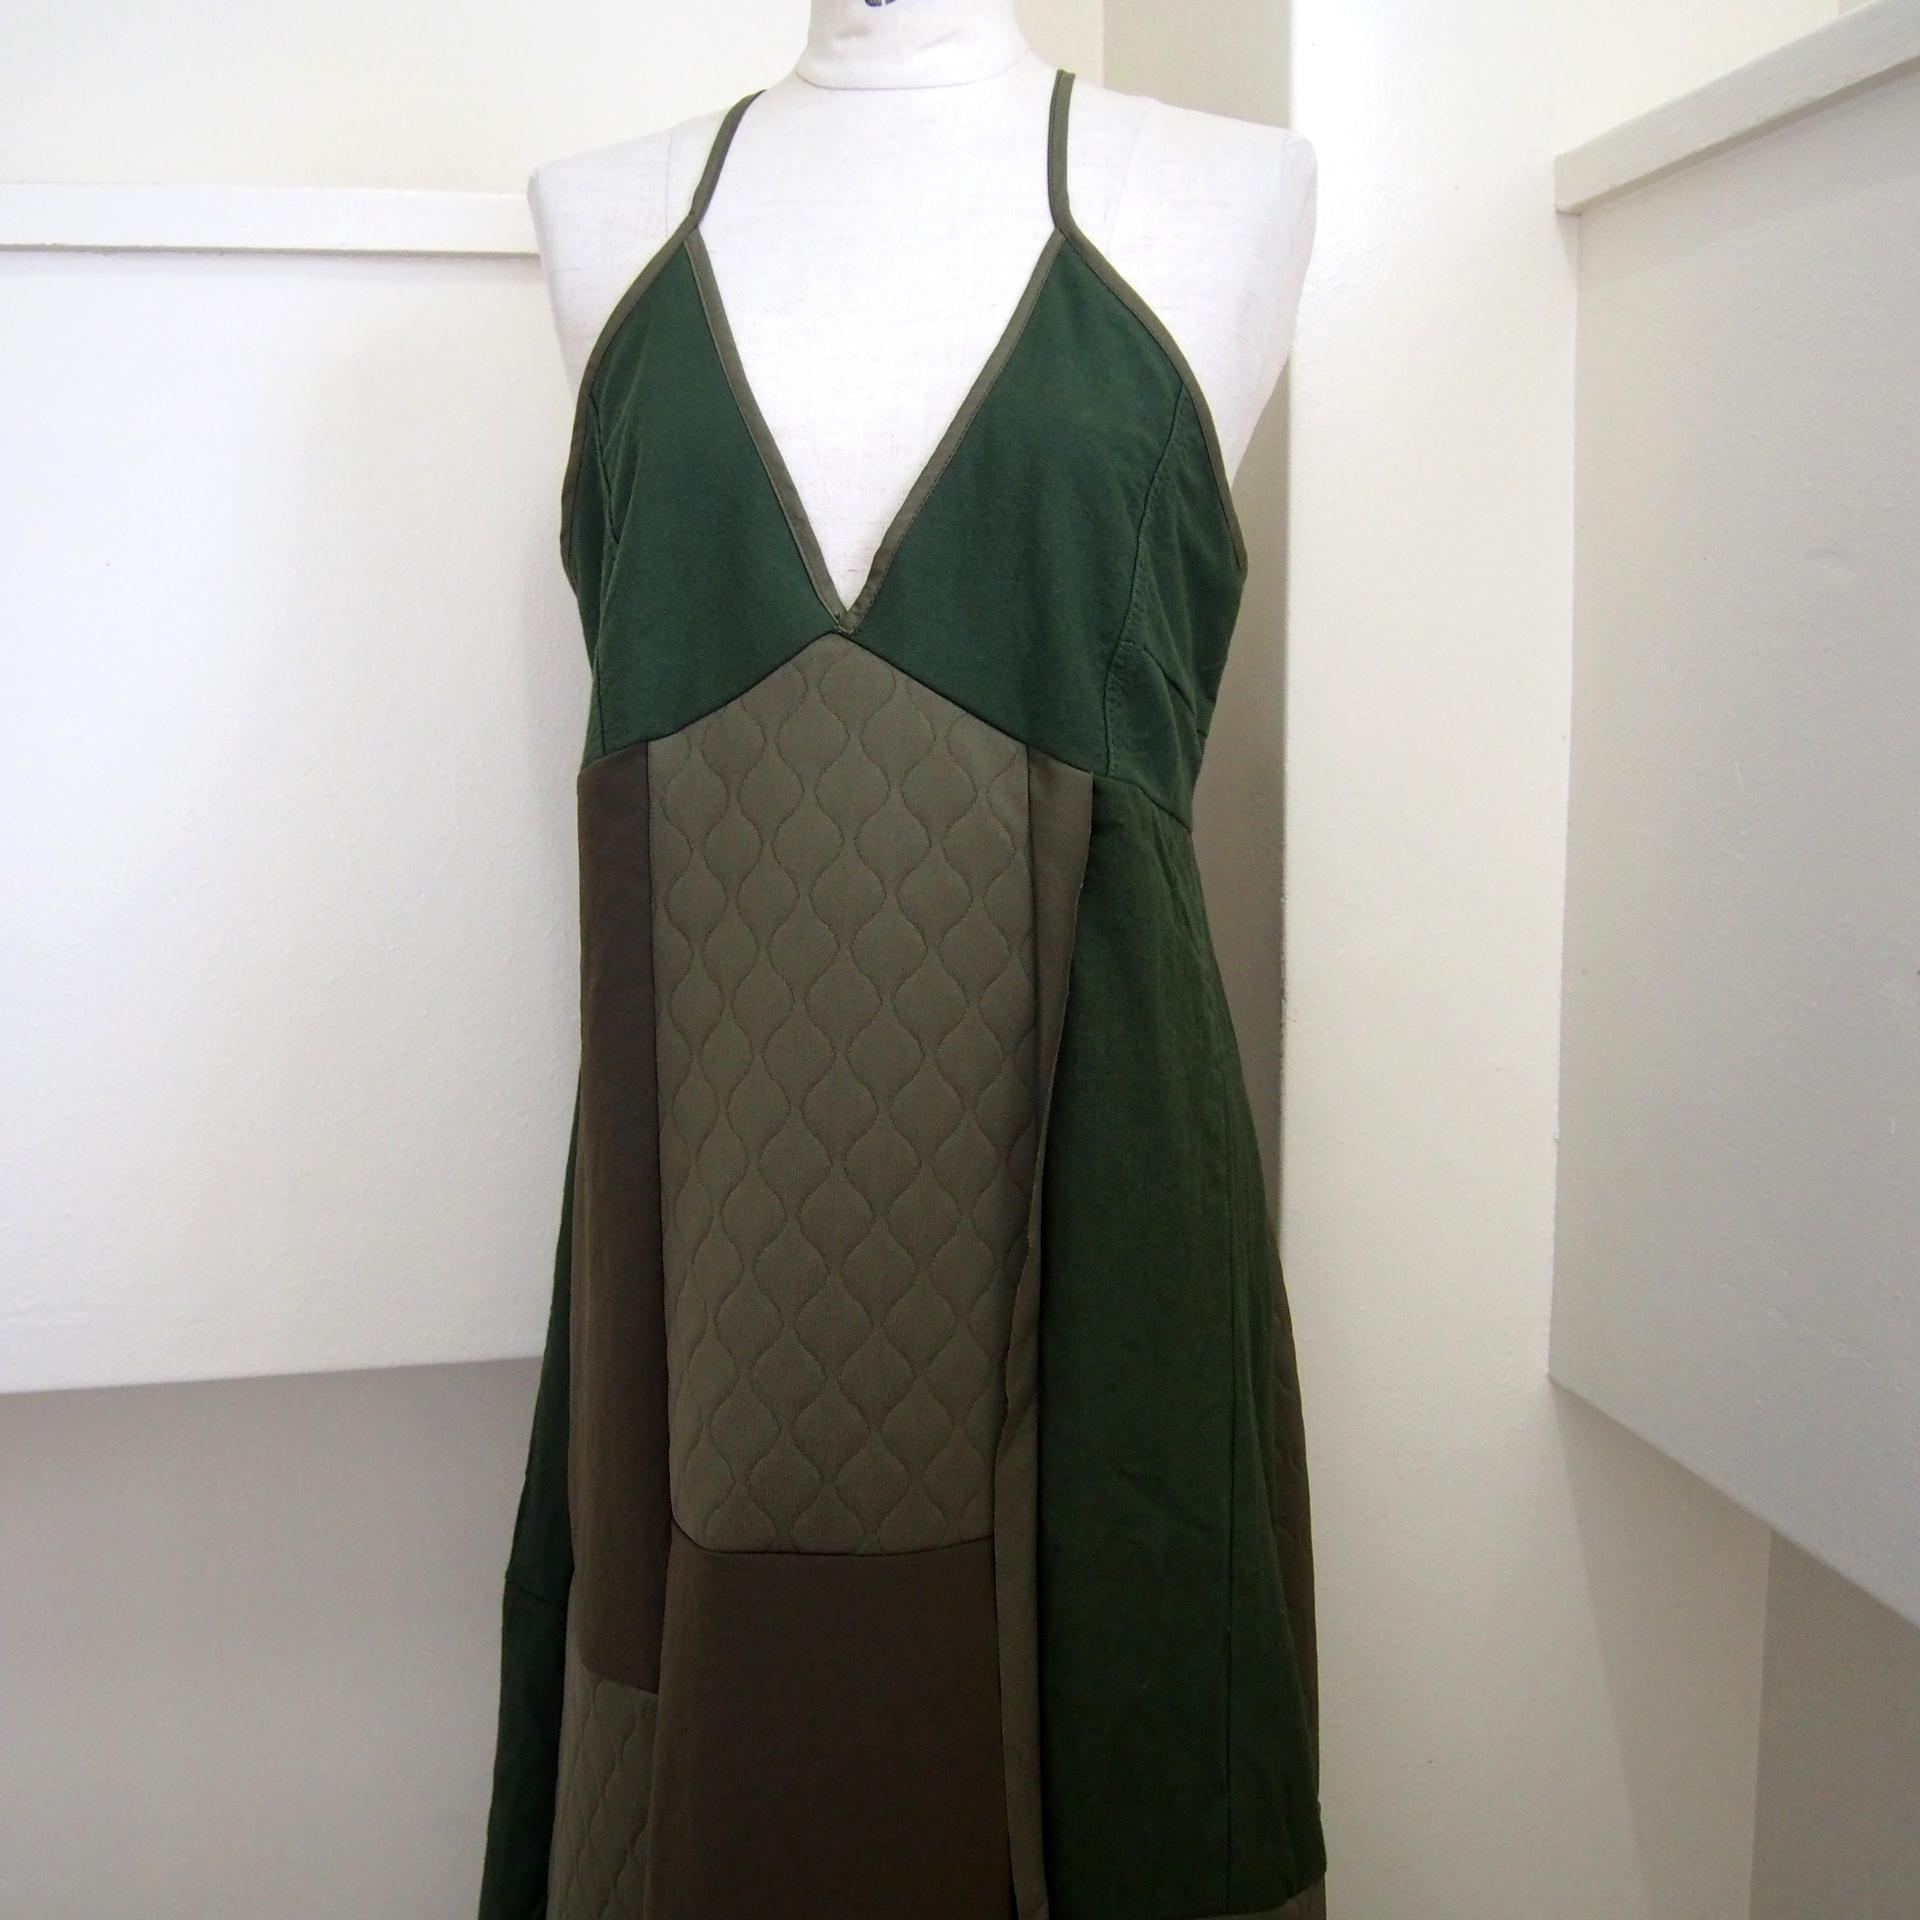 【RehersalL】military mix camisole dress /【リハーズオール】ミリタリーミックスキャミソールドレス